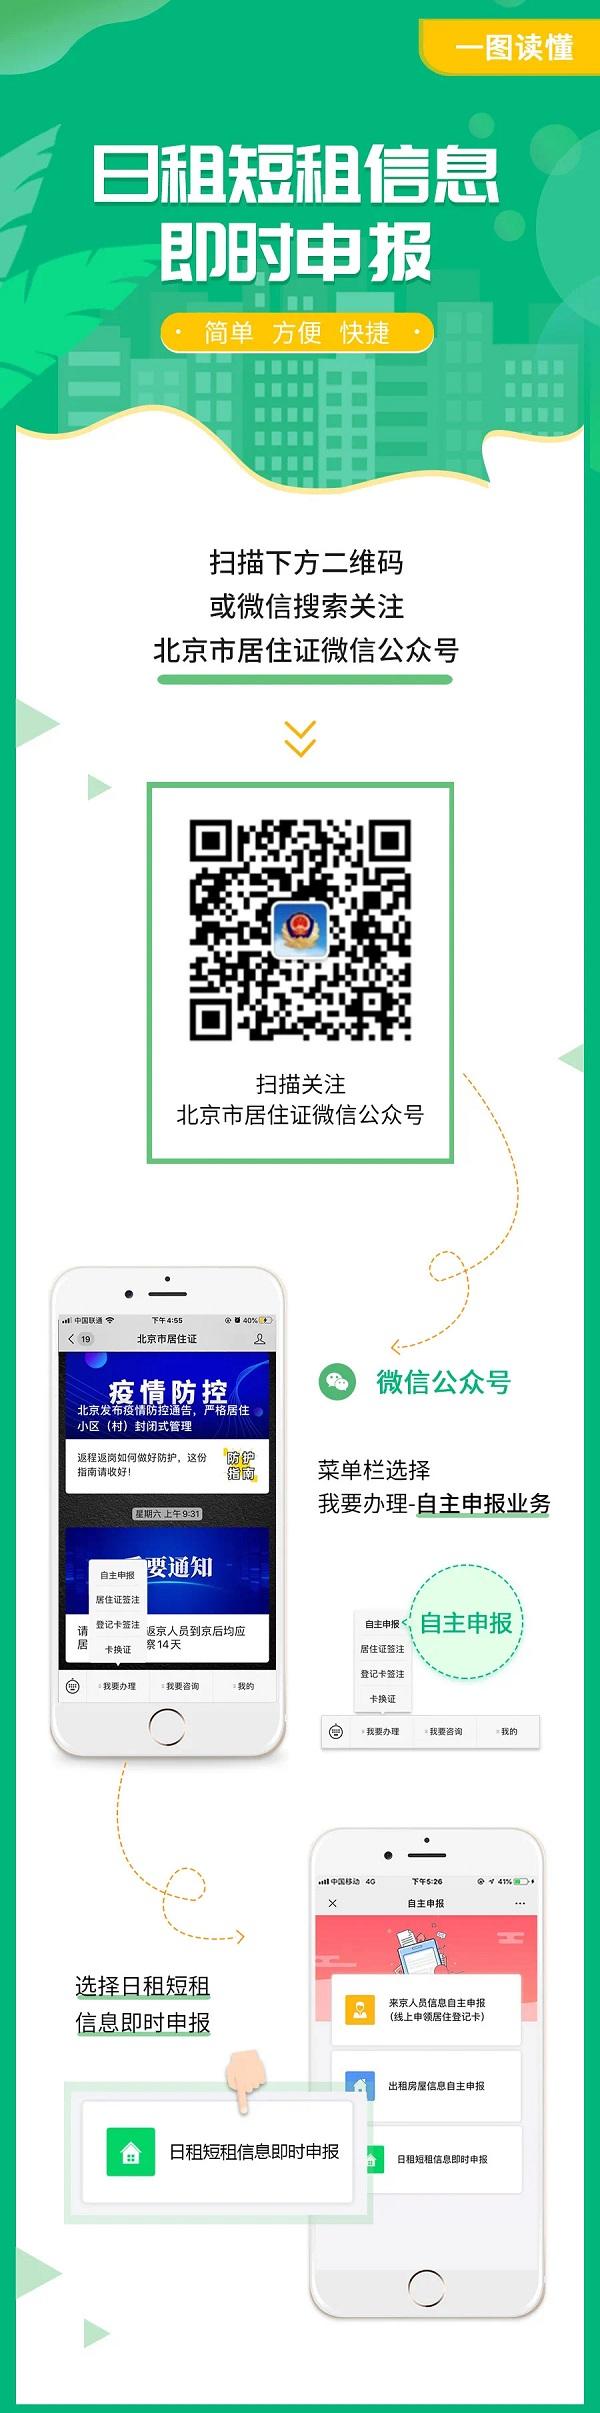 北京市居住证:一图看懂日租短租信息即时申报